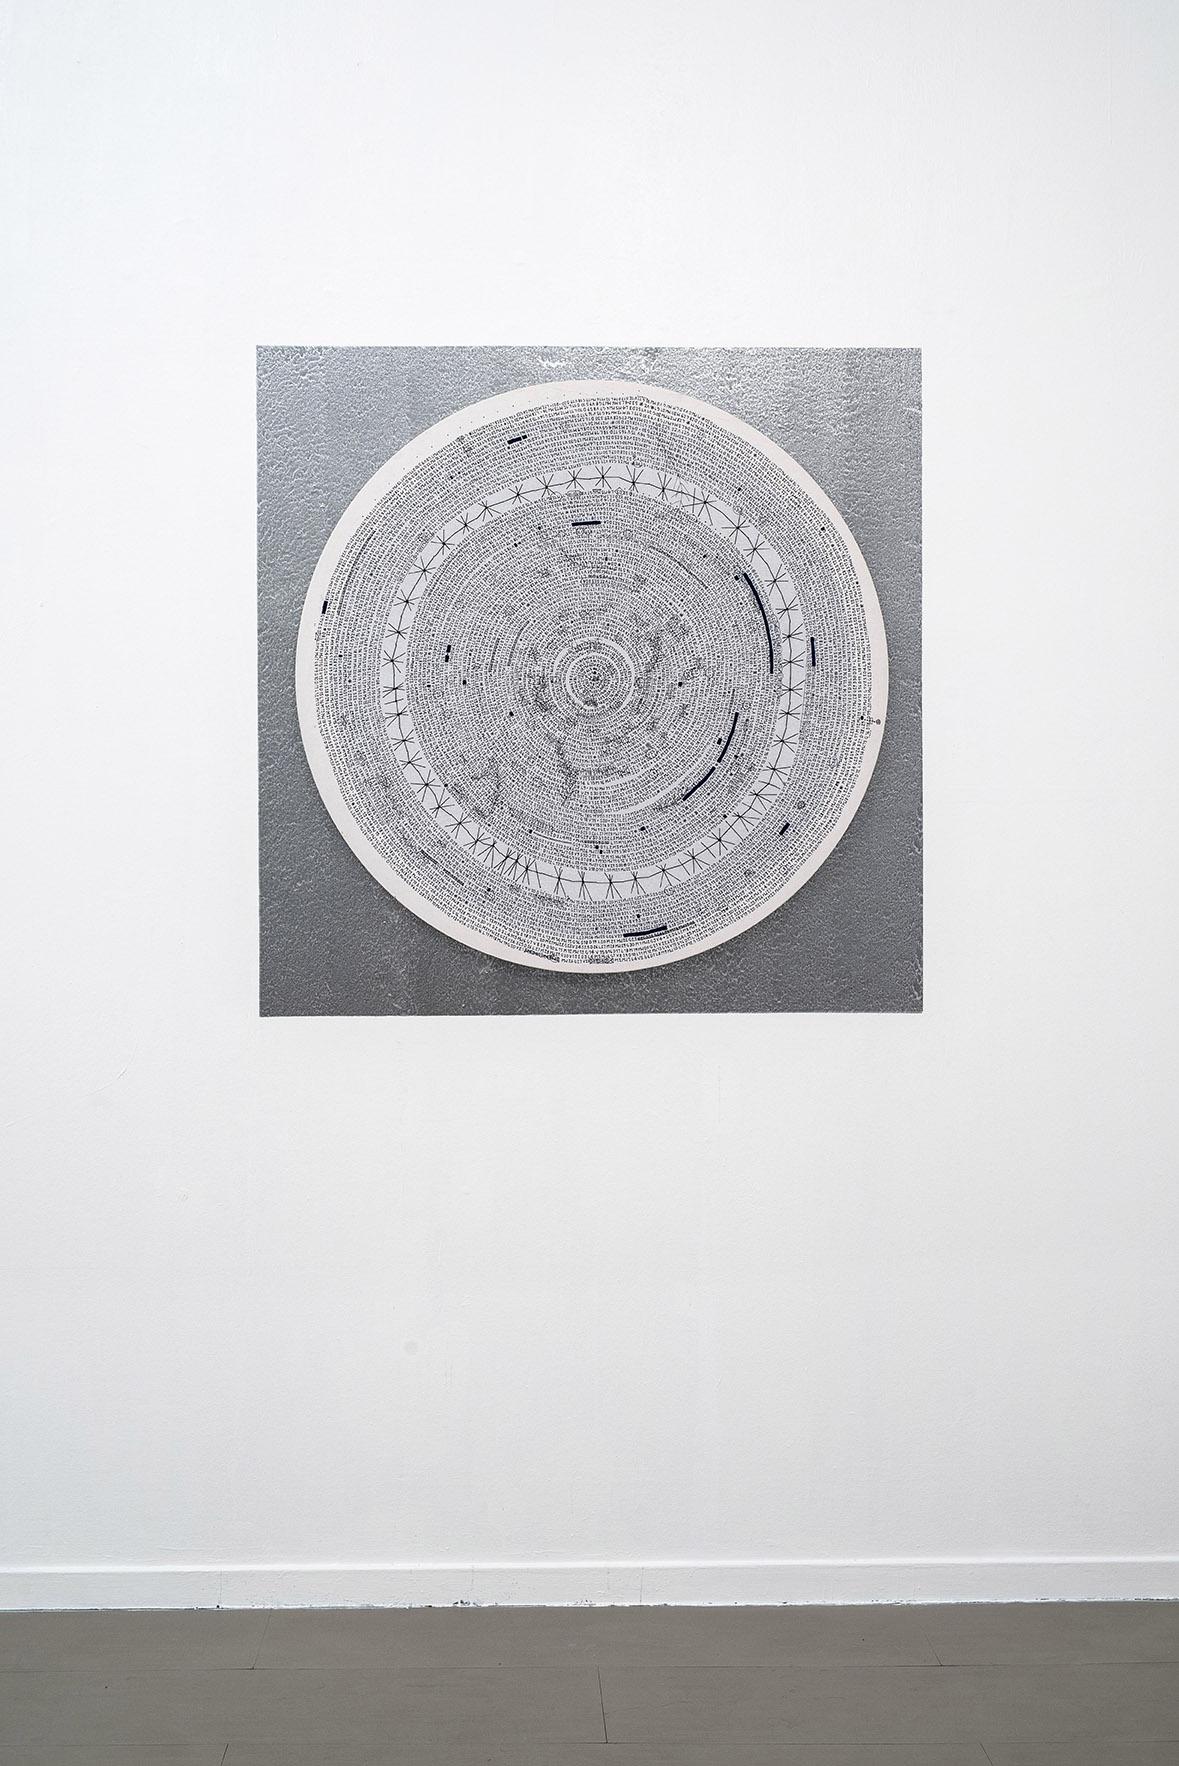 Letizia Cariello Calendario-Door, 2017, Installazione, wall painting argento cm 135x135, scrittura a penna su lenzuolo di lino, ricamo su telaio tondo ⌀ cm 120. Courtesy z2o Sara Zanin Gallery, Roma, Ph. Giorgio Benni